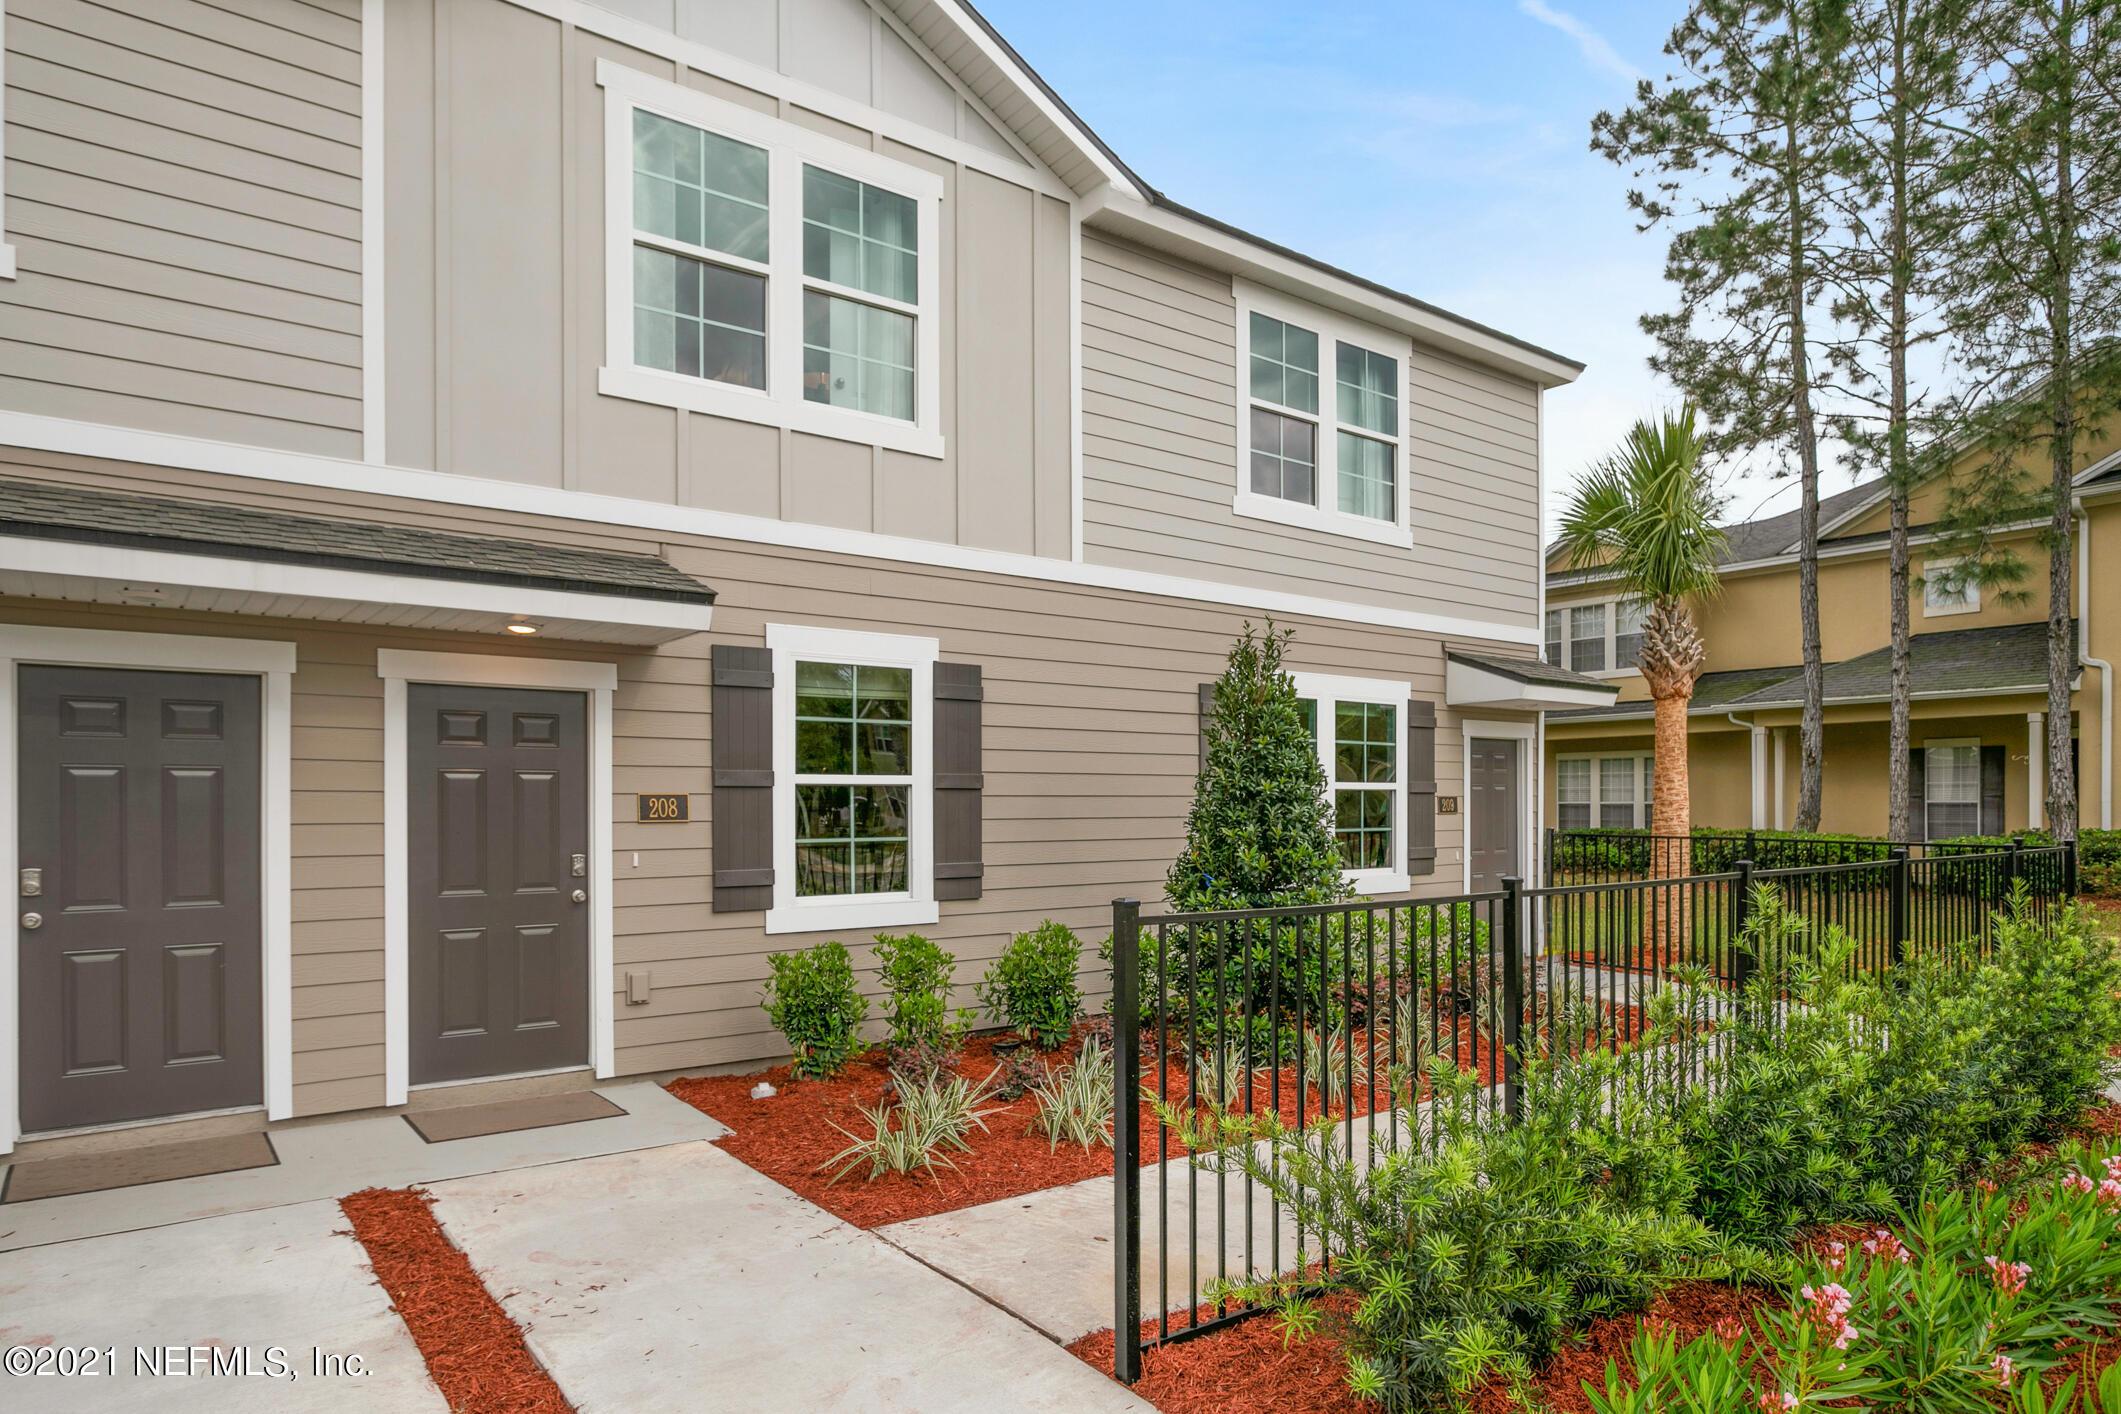 575 OAKLEAF PLANTATION, ORANGE PARK, FLORIDA 32065, 2 Bedrooms Bedrooms, ,2 BathroomsBathrooms,Residential,For sale,OAKLEAF PLANTATION,1101508